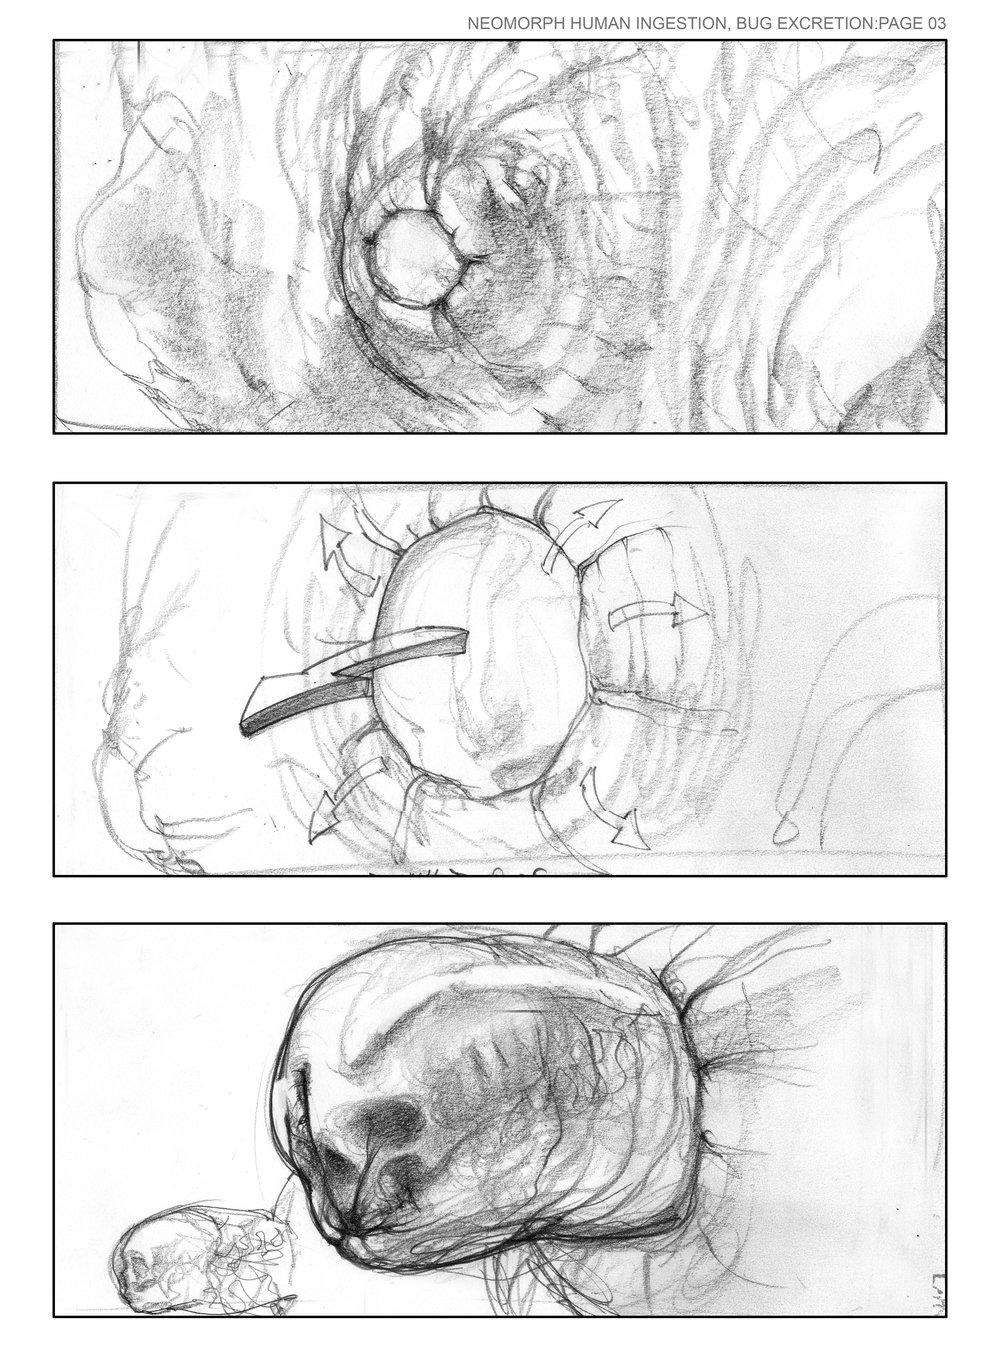 PAR_Neomorph_storyboard_SL01.page03.jpg